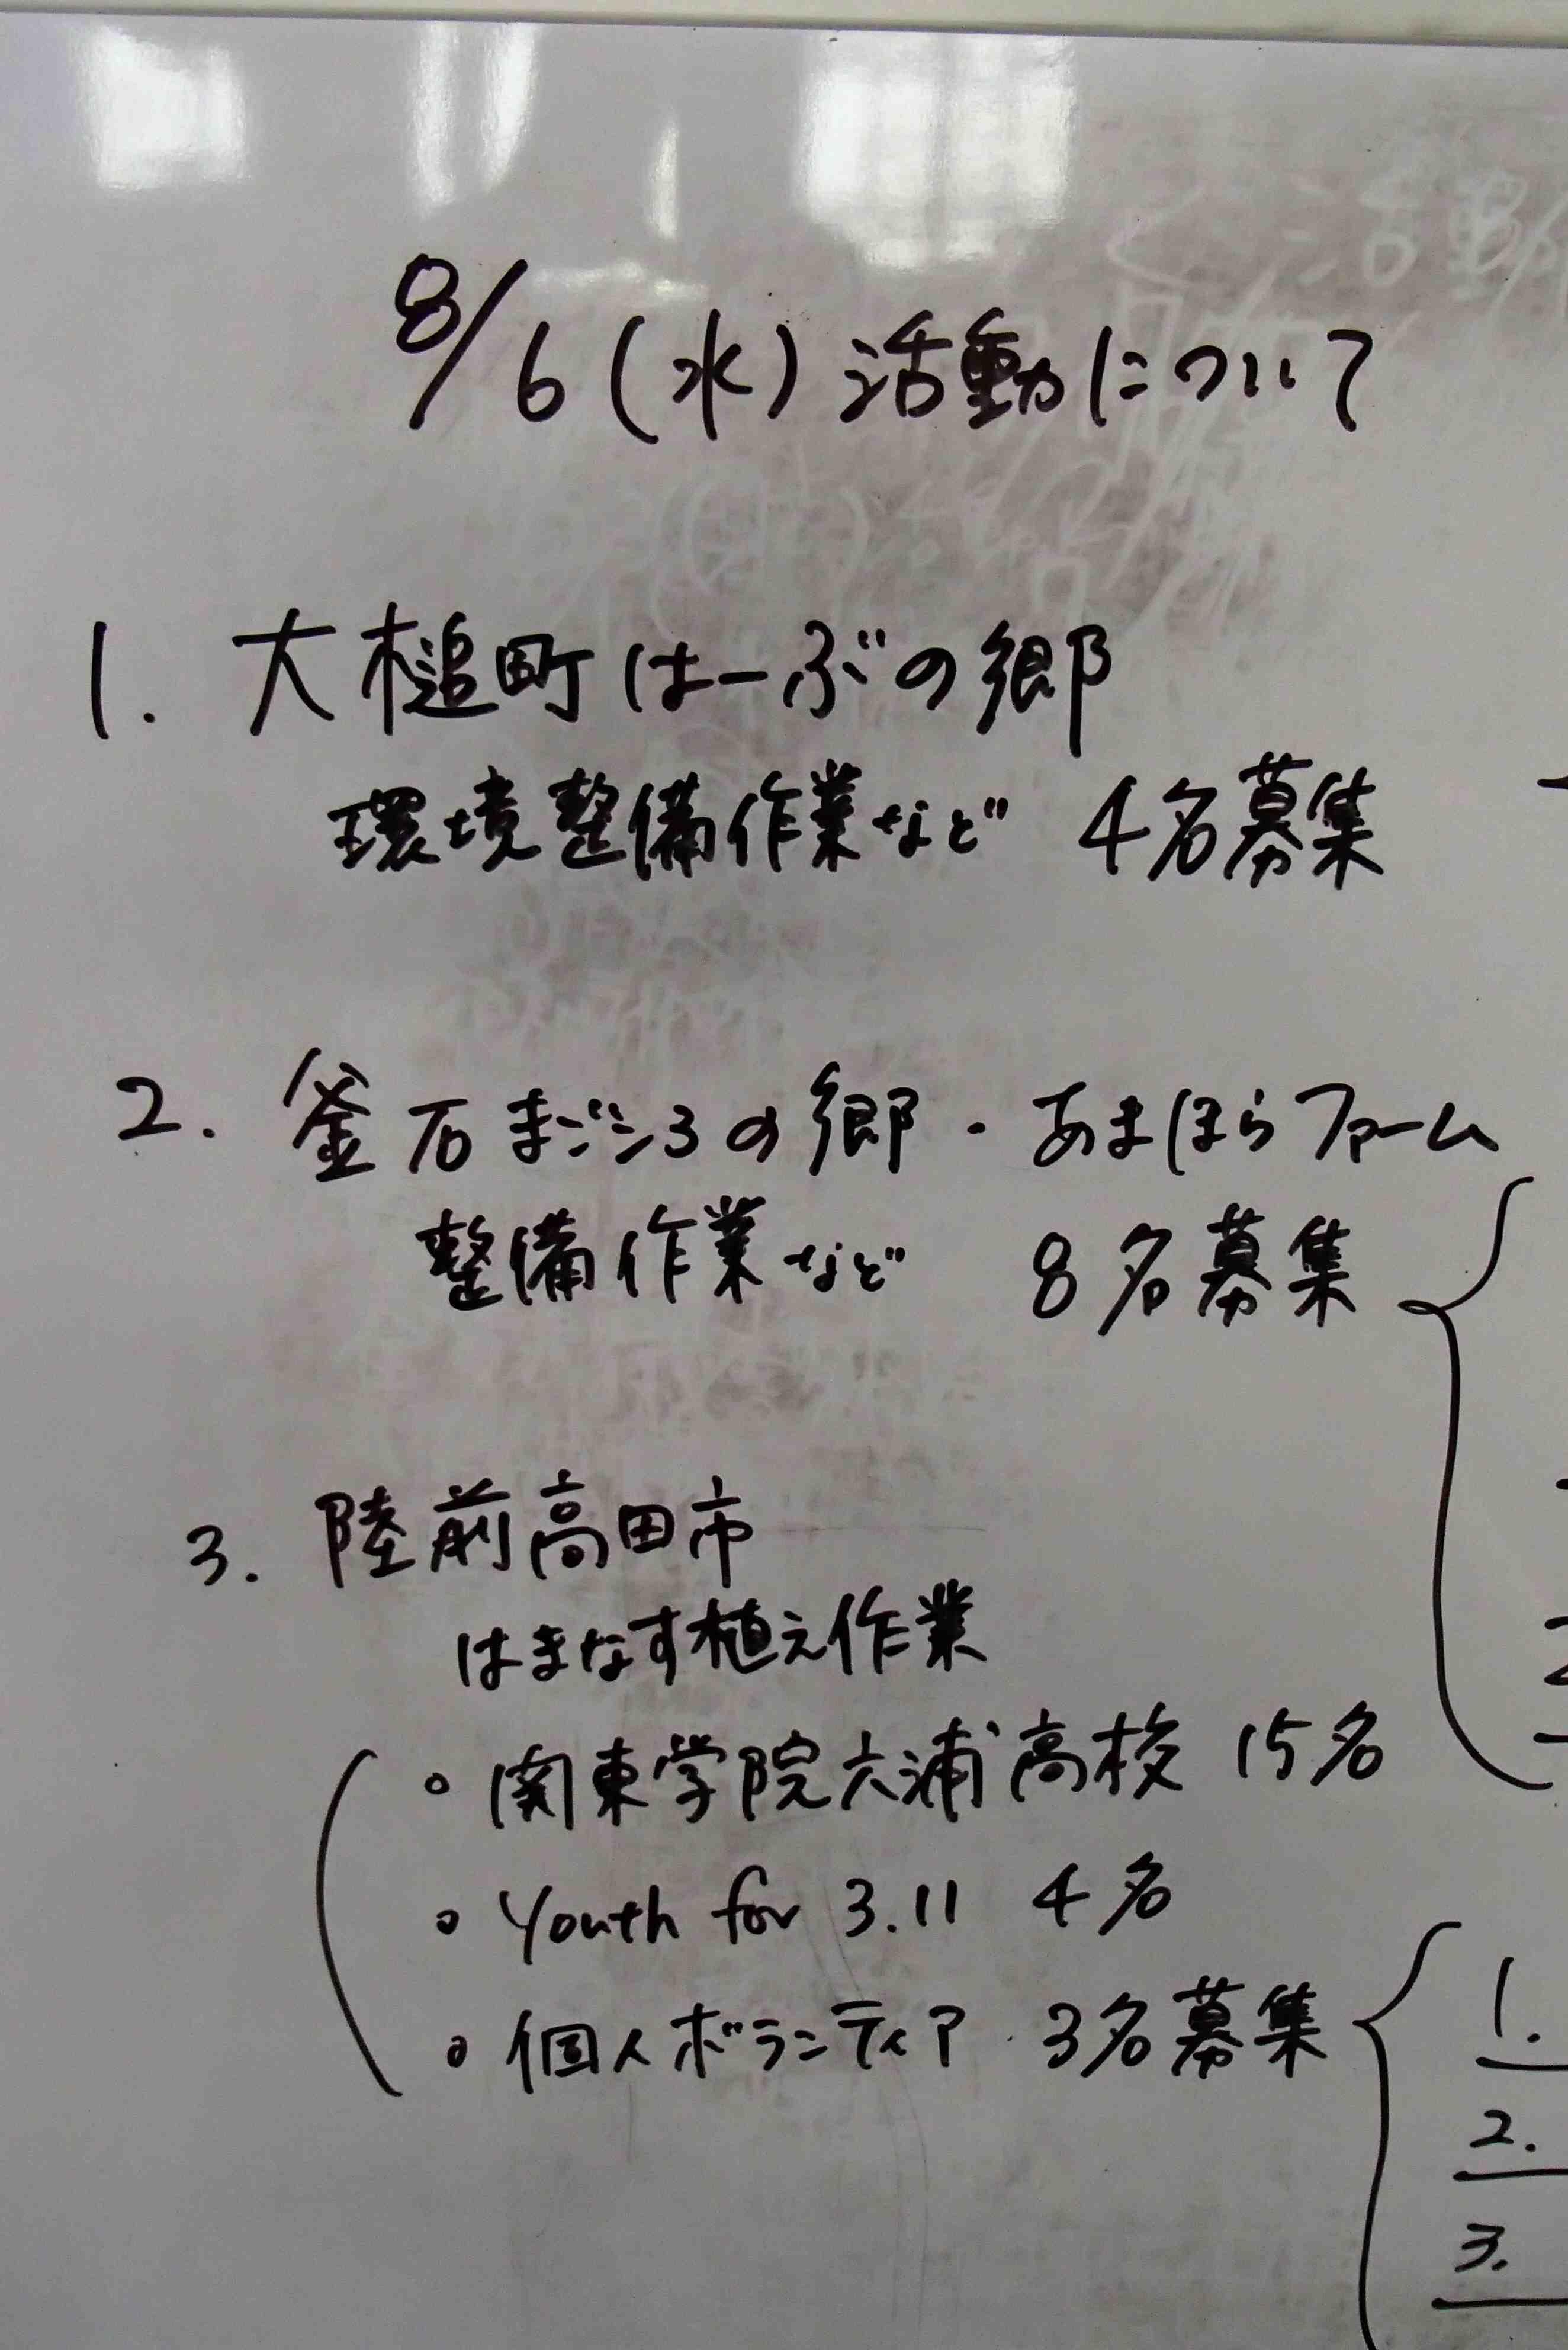 18.明日の作業予定.jpg